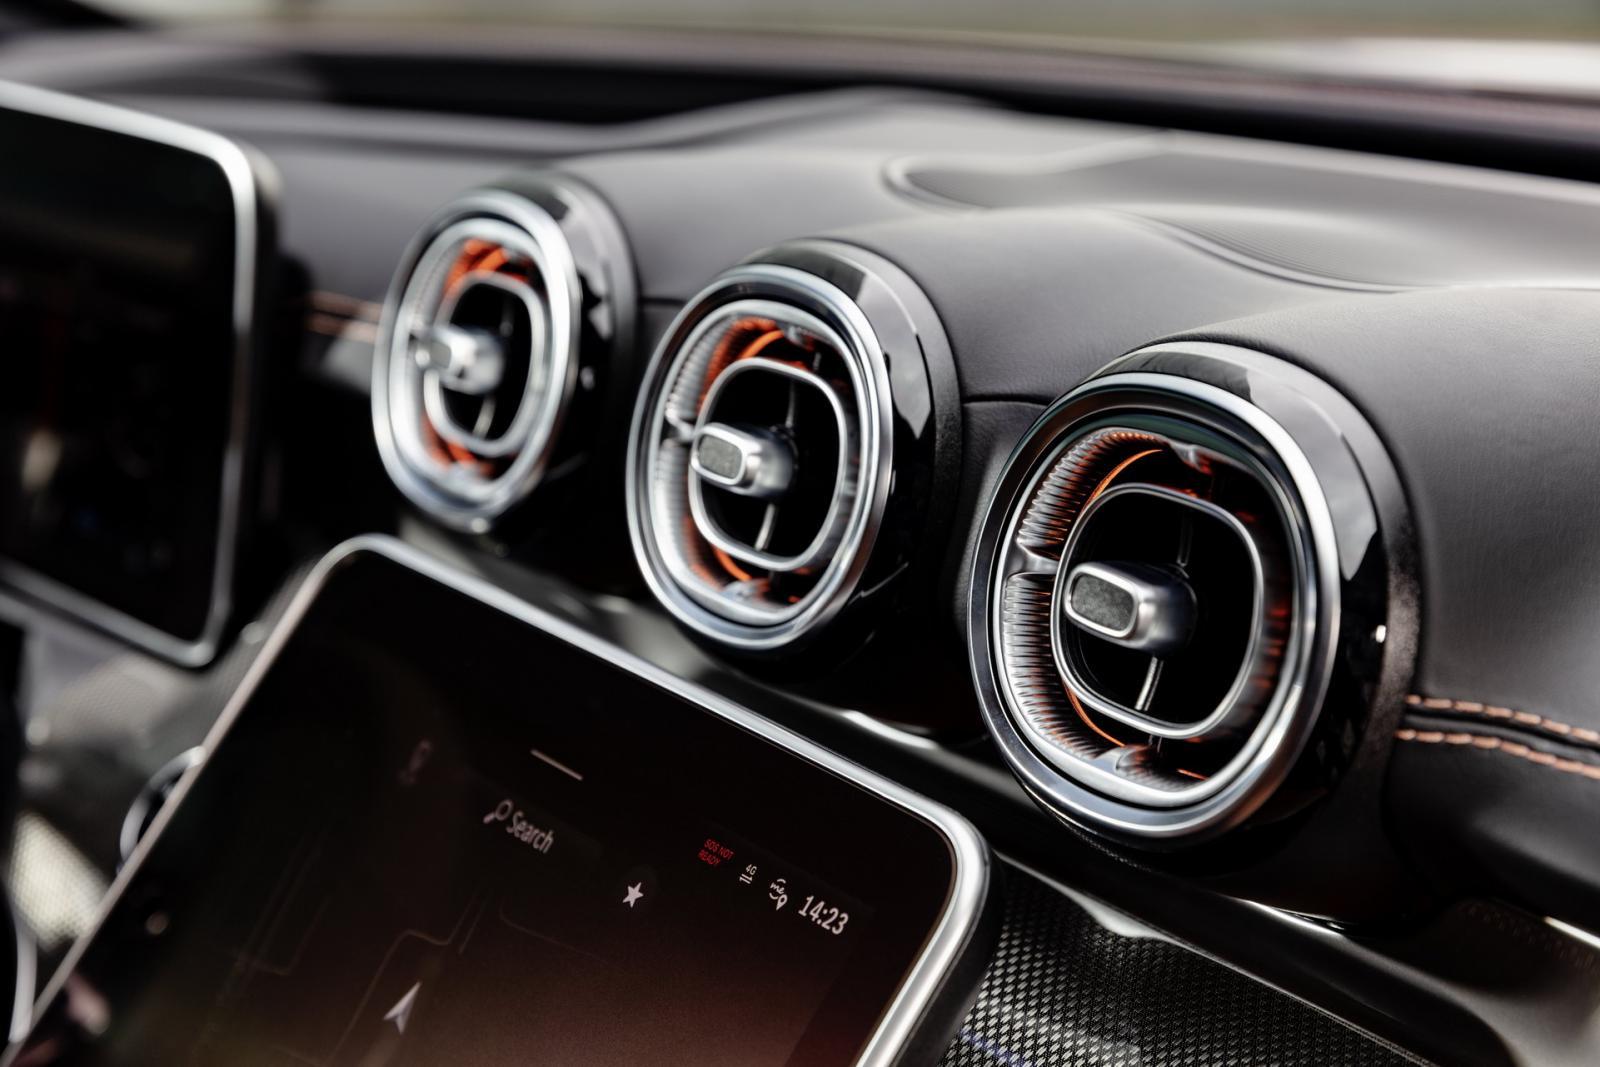 Premiär för nya Mercedes C-klass – här är alla nyheter